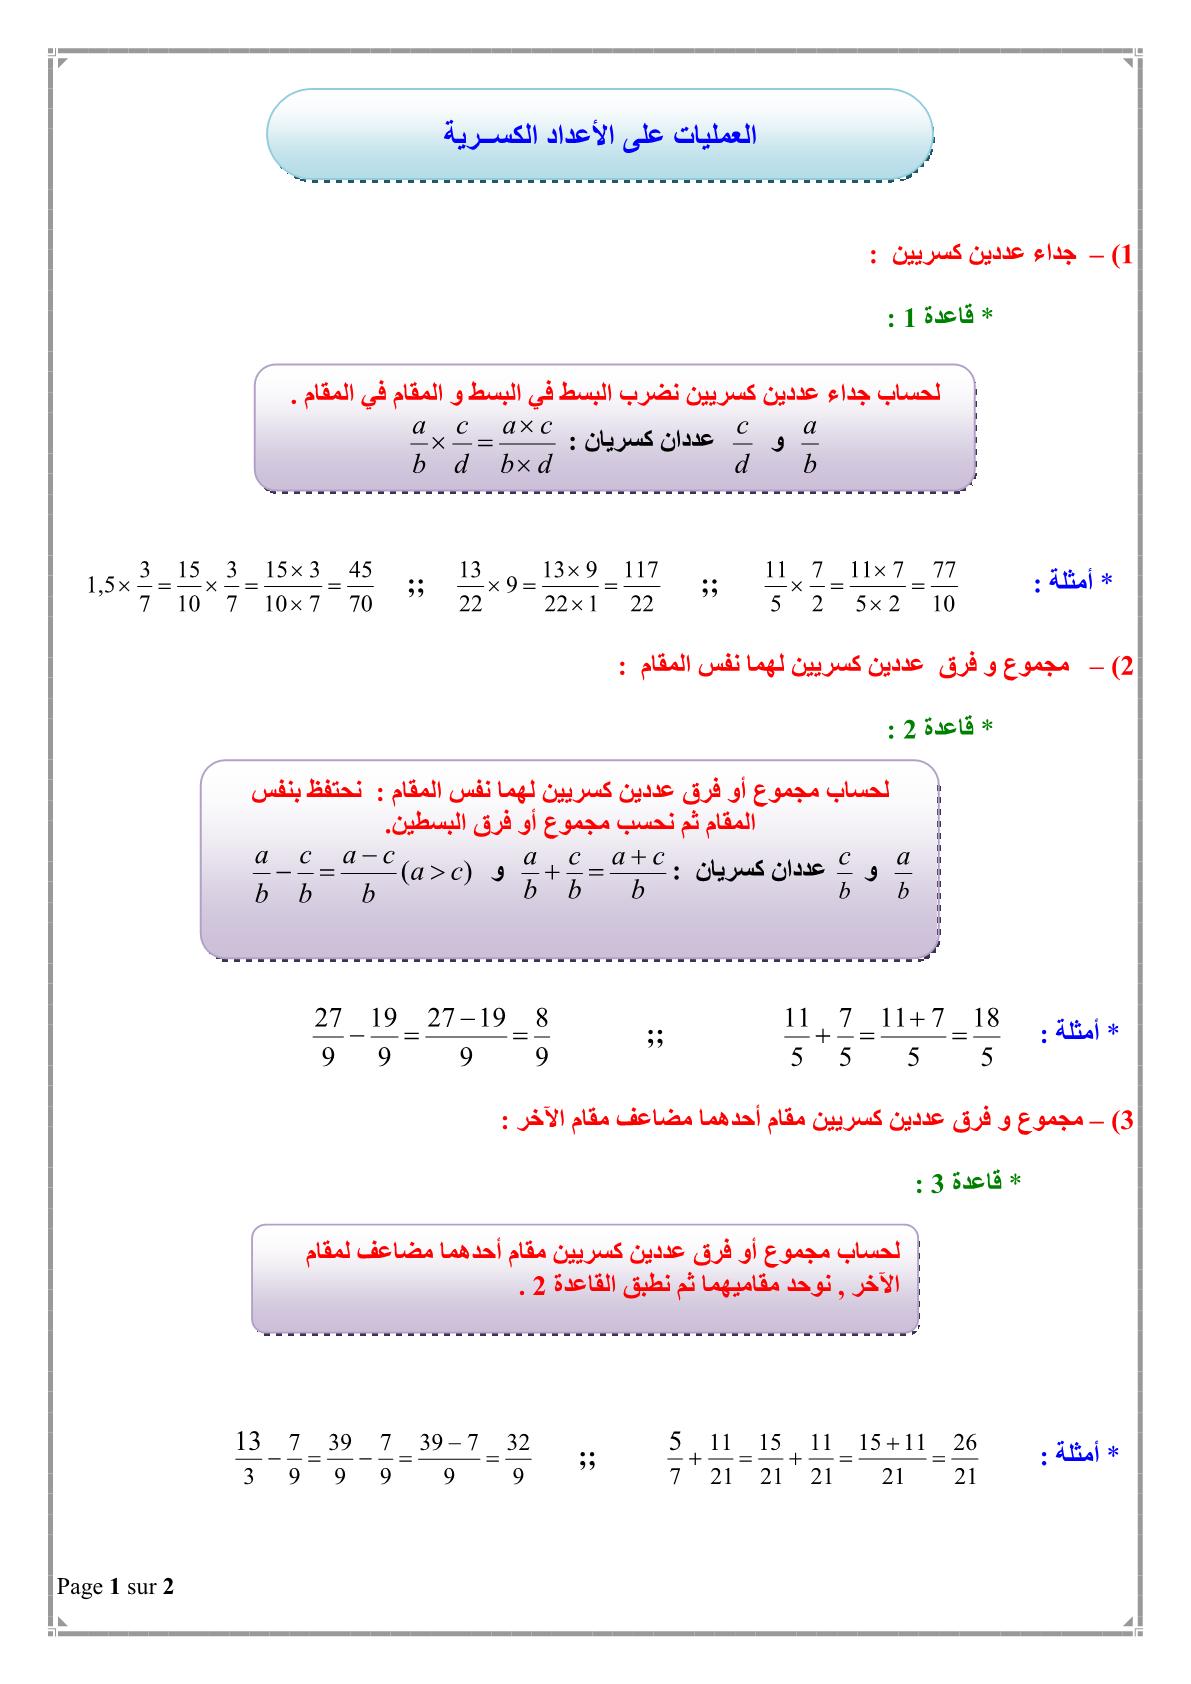 درس العمليات على الأعداد الكسرية في مادة الرياضيات للسنة الأولى إعدادي